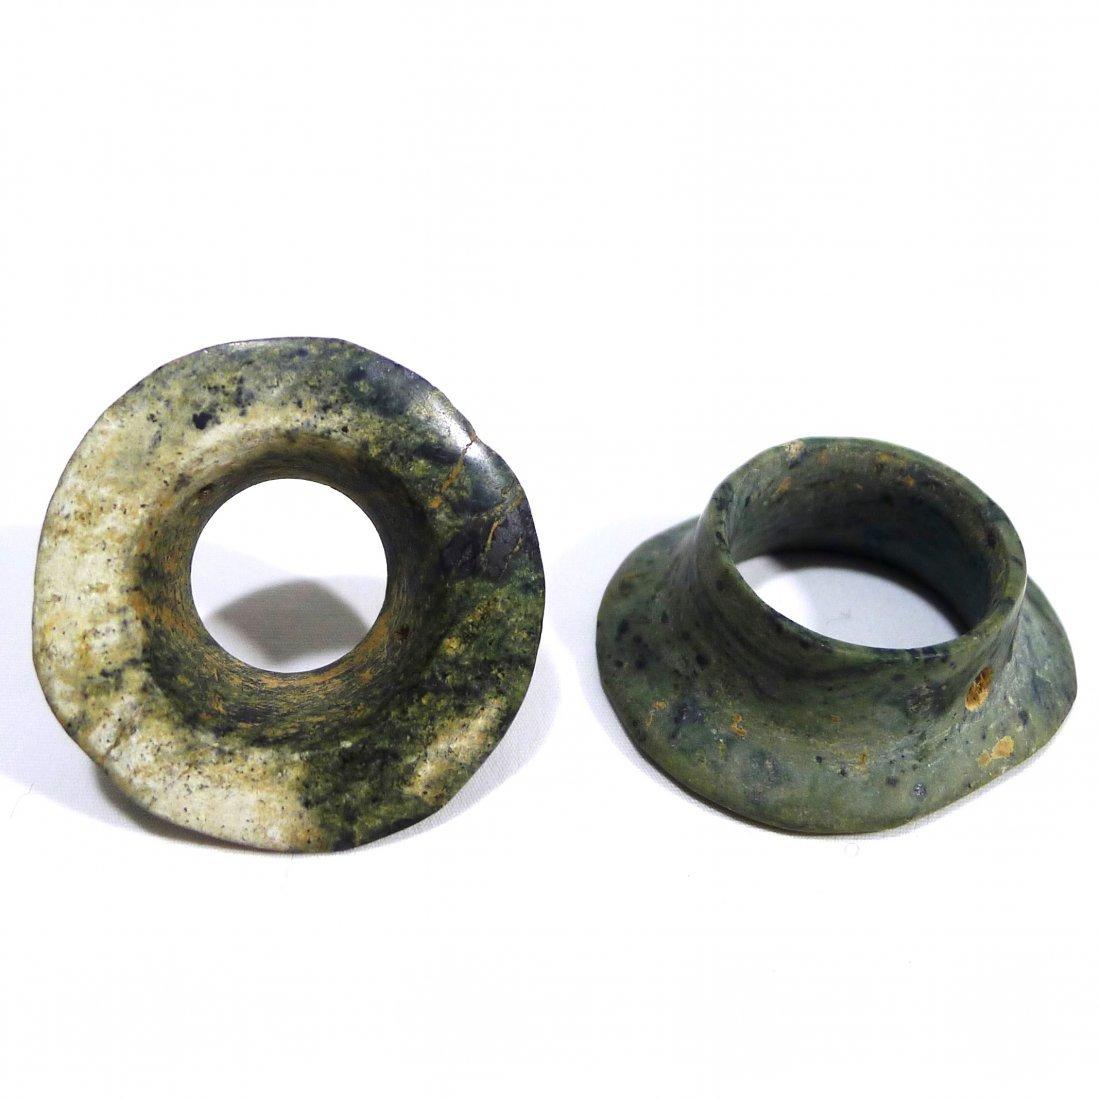 Pre-columbian Mezcala Earspools